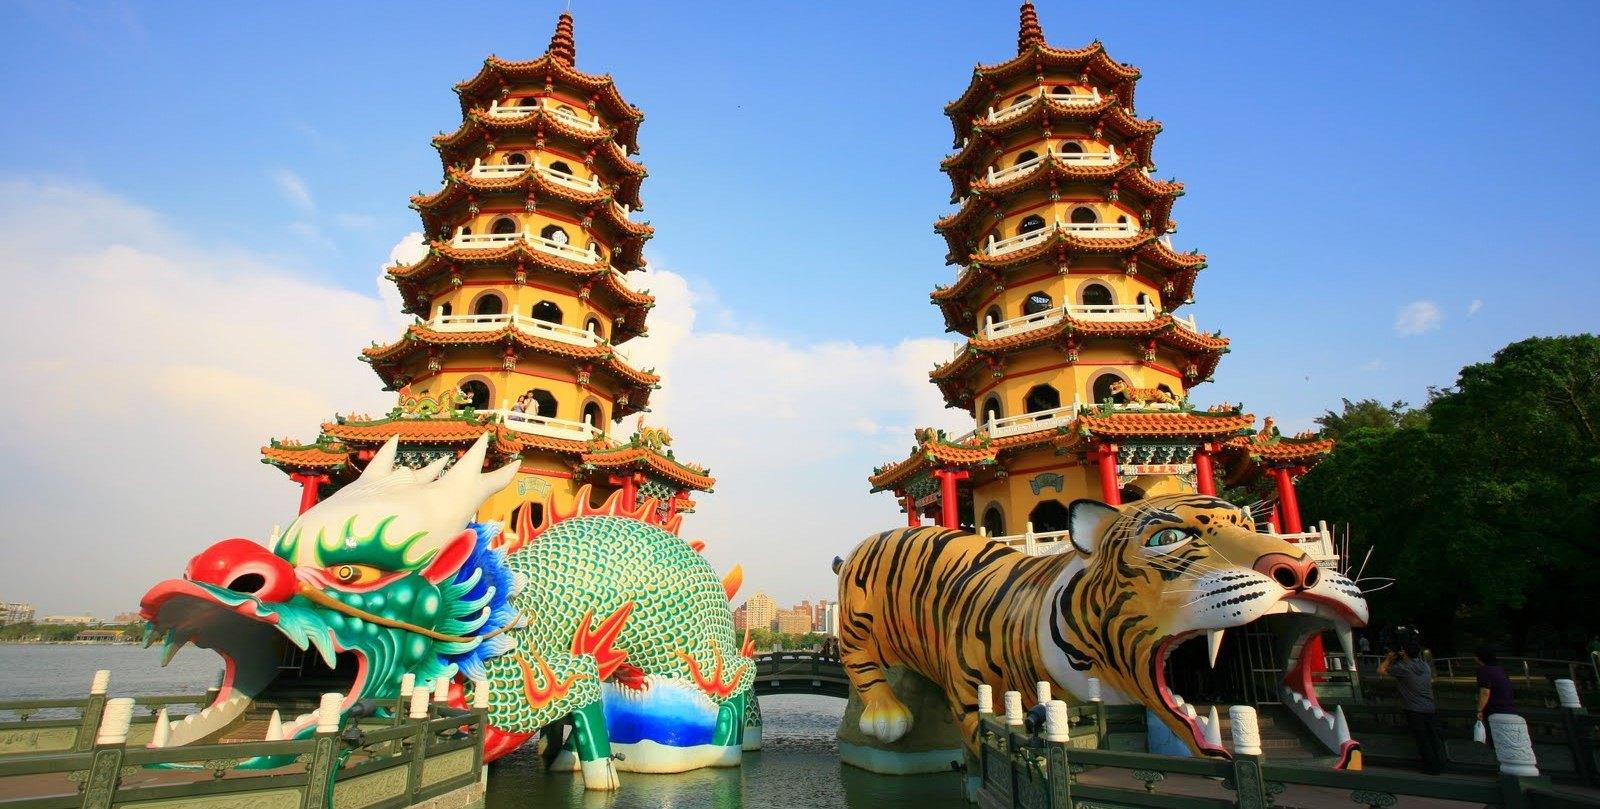 Du lịch Đài Loan: Đài Bắc – Cao Hùng – Đài Trung 5 ngày